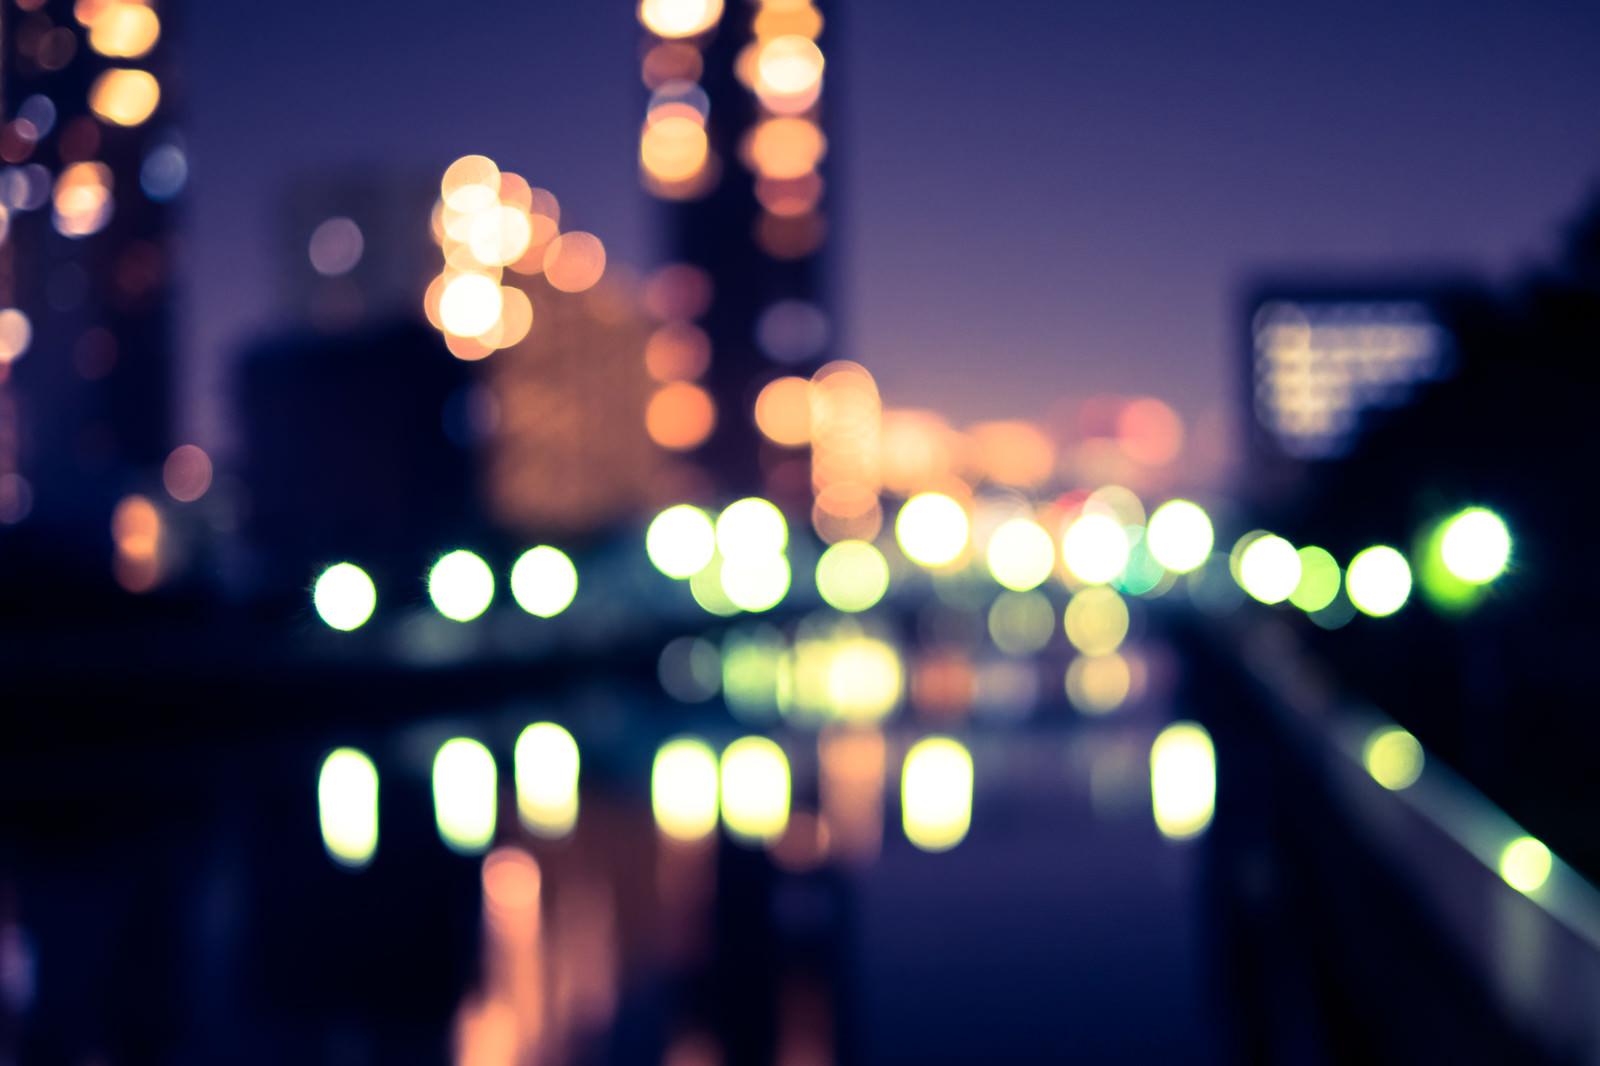 「街灯とビルのボケた明かり」の写真